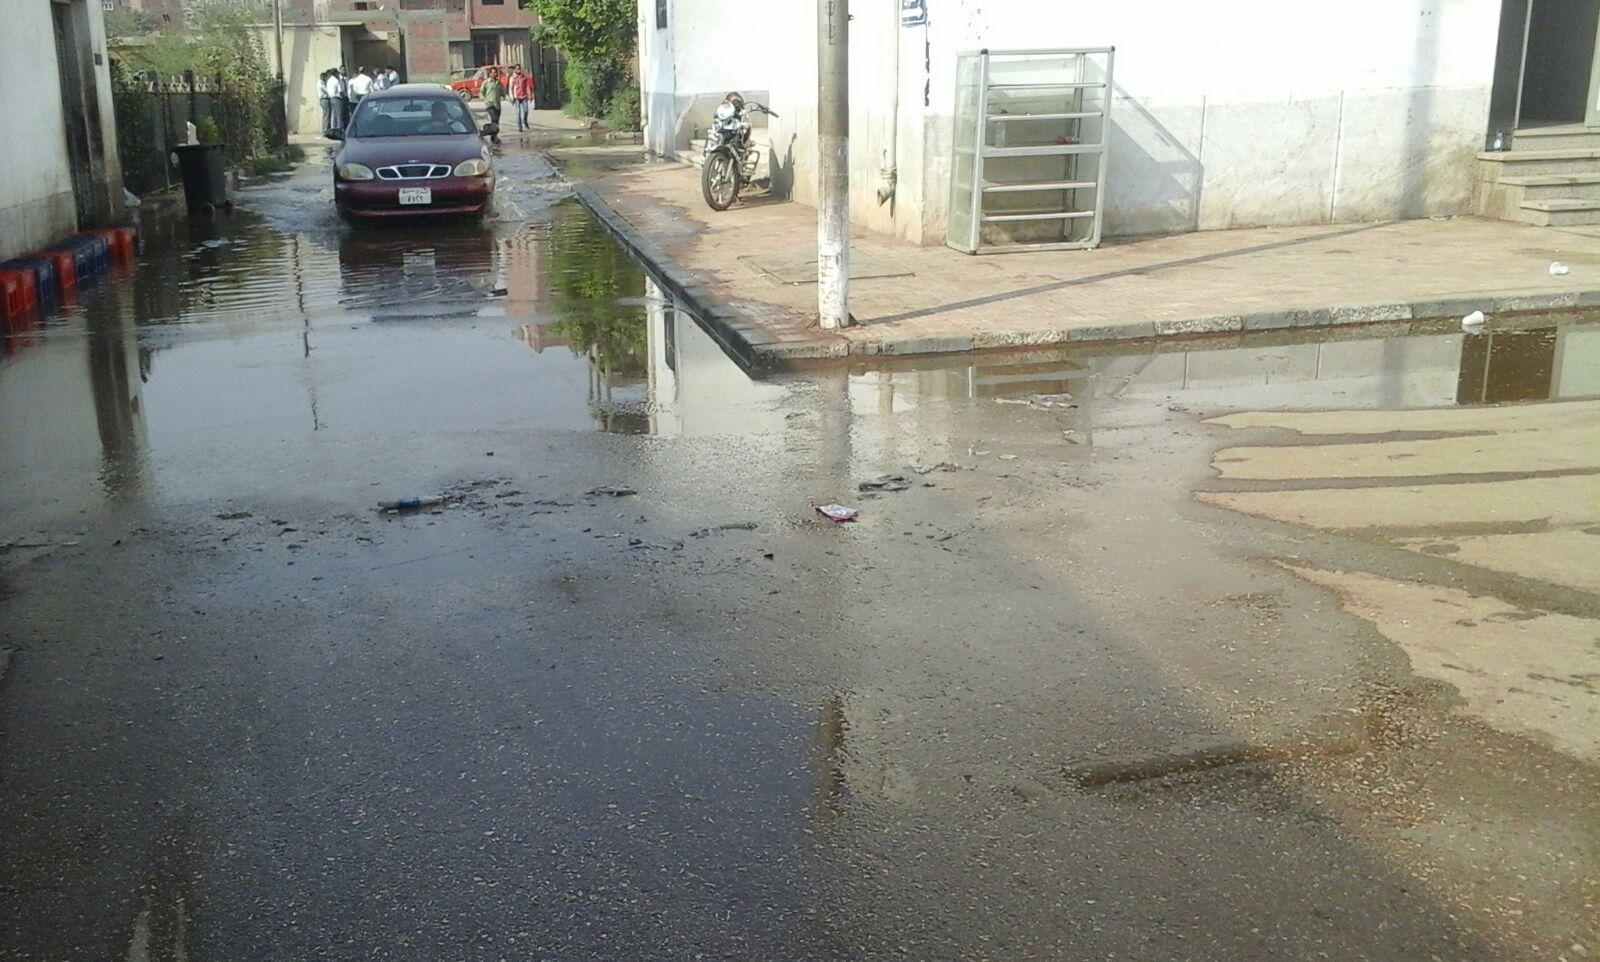 بالصور.. مياه الصرف تضرب مستشفى بأسيوط.. وصناديق المياه الغازية جسرًا لعبورها